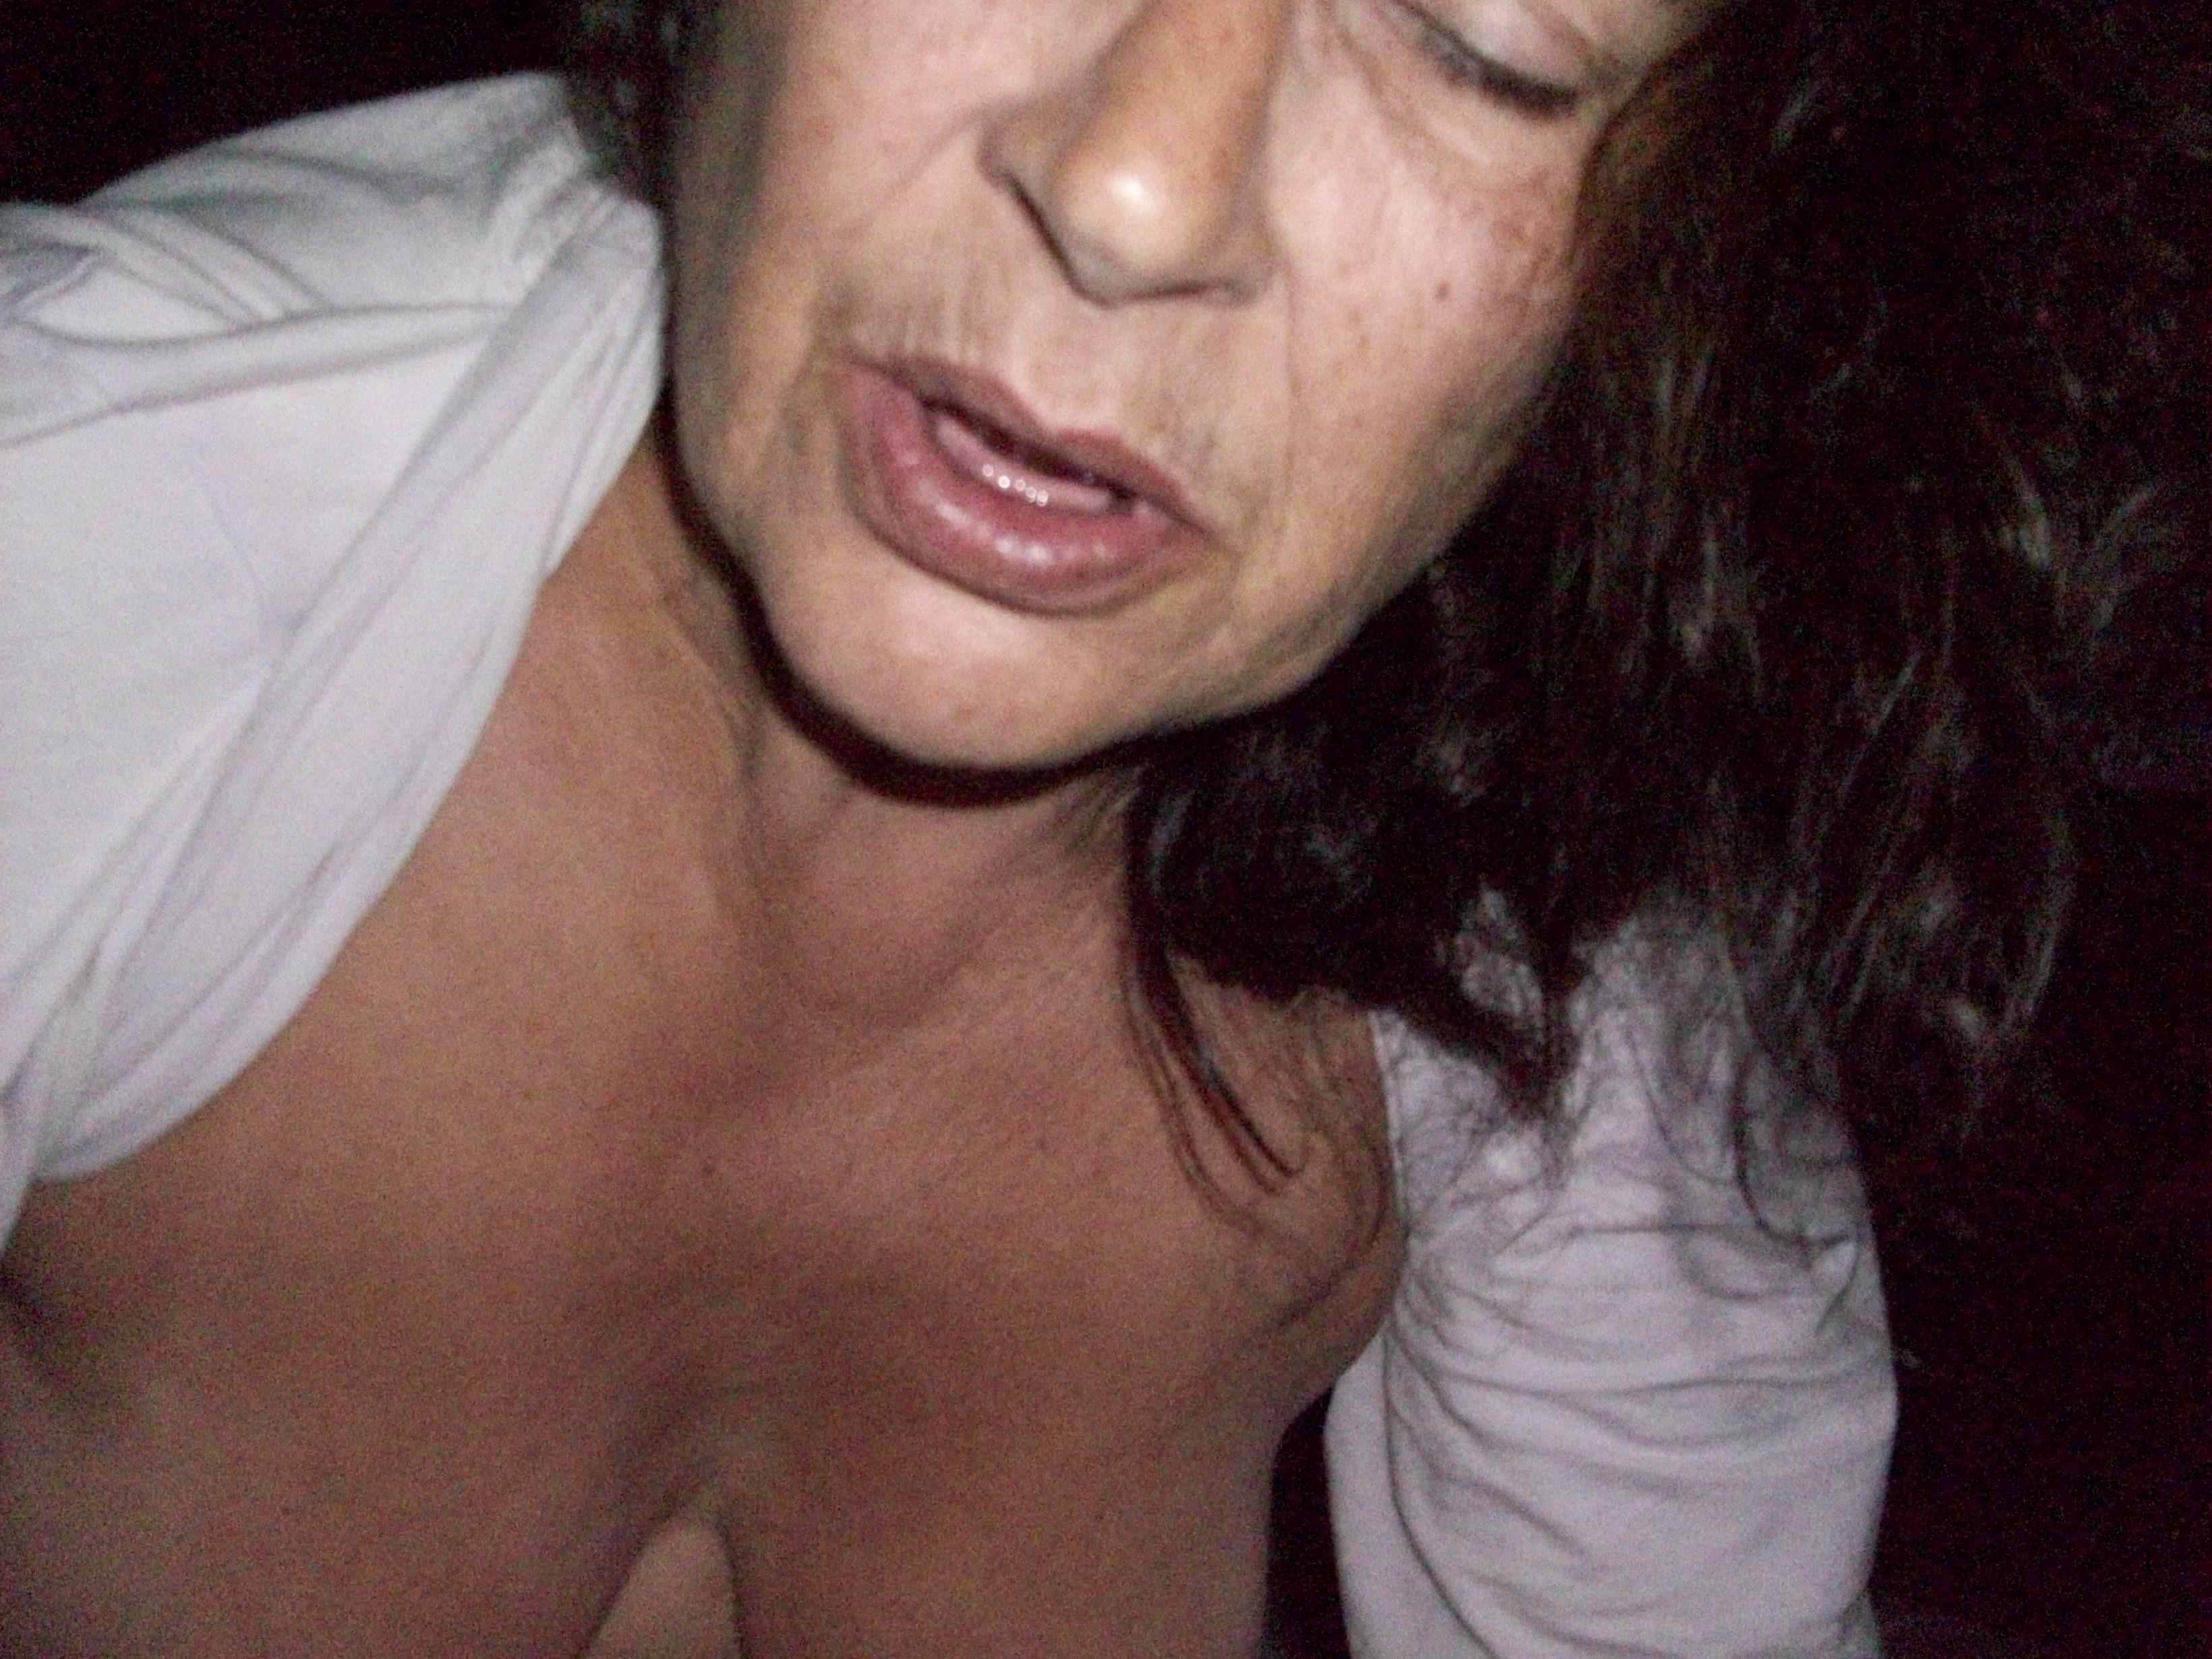 hårig mogen kvinna vill knulla kåta män ylöjärvi